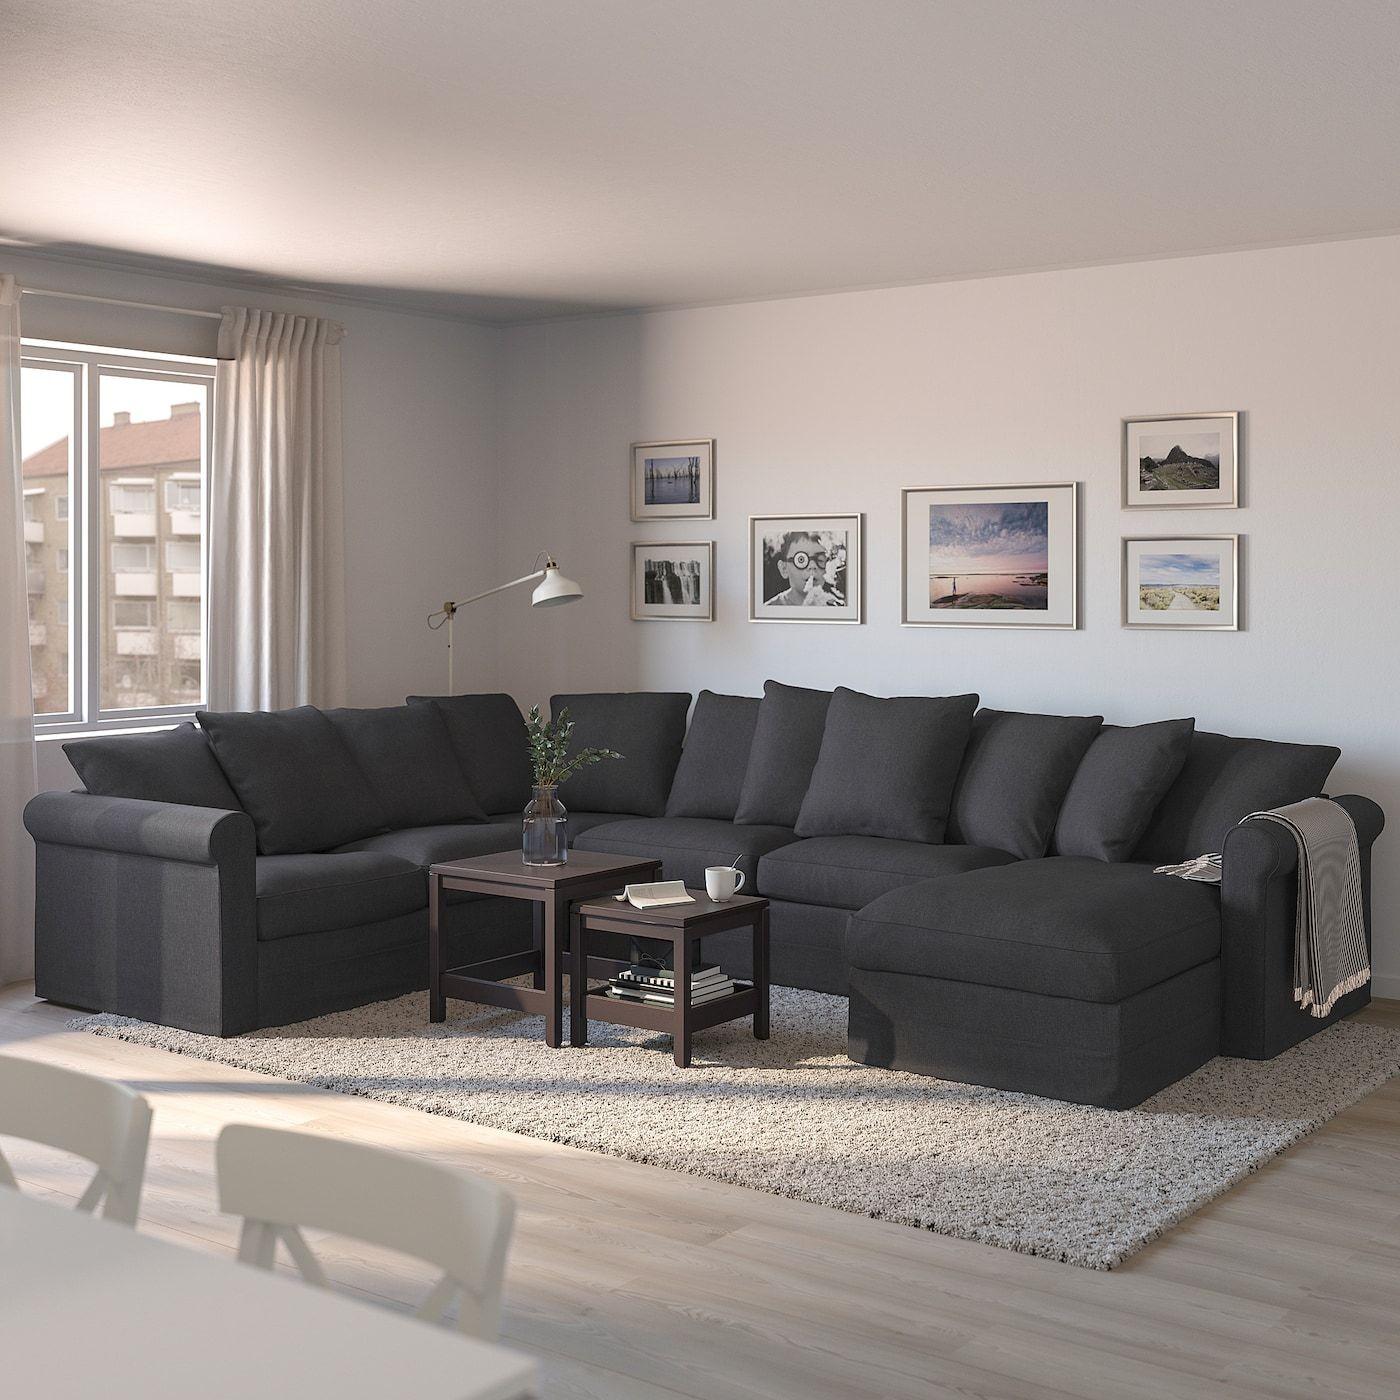 Ikea Us Furniture And Home Furnishings Ecksofa Sofa Design Schlafsofa